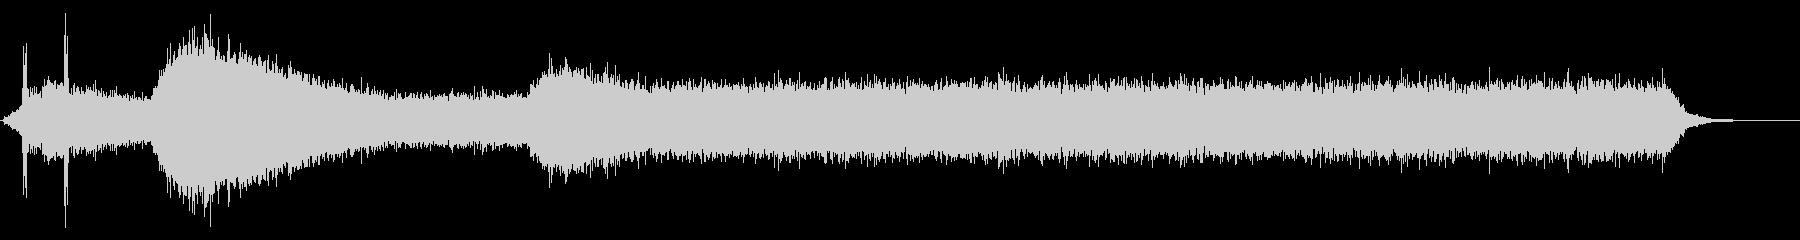 PC 駆動音01-02(オンオフ)の未再生の波形